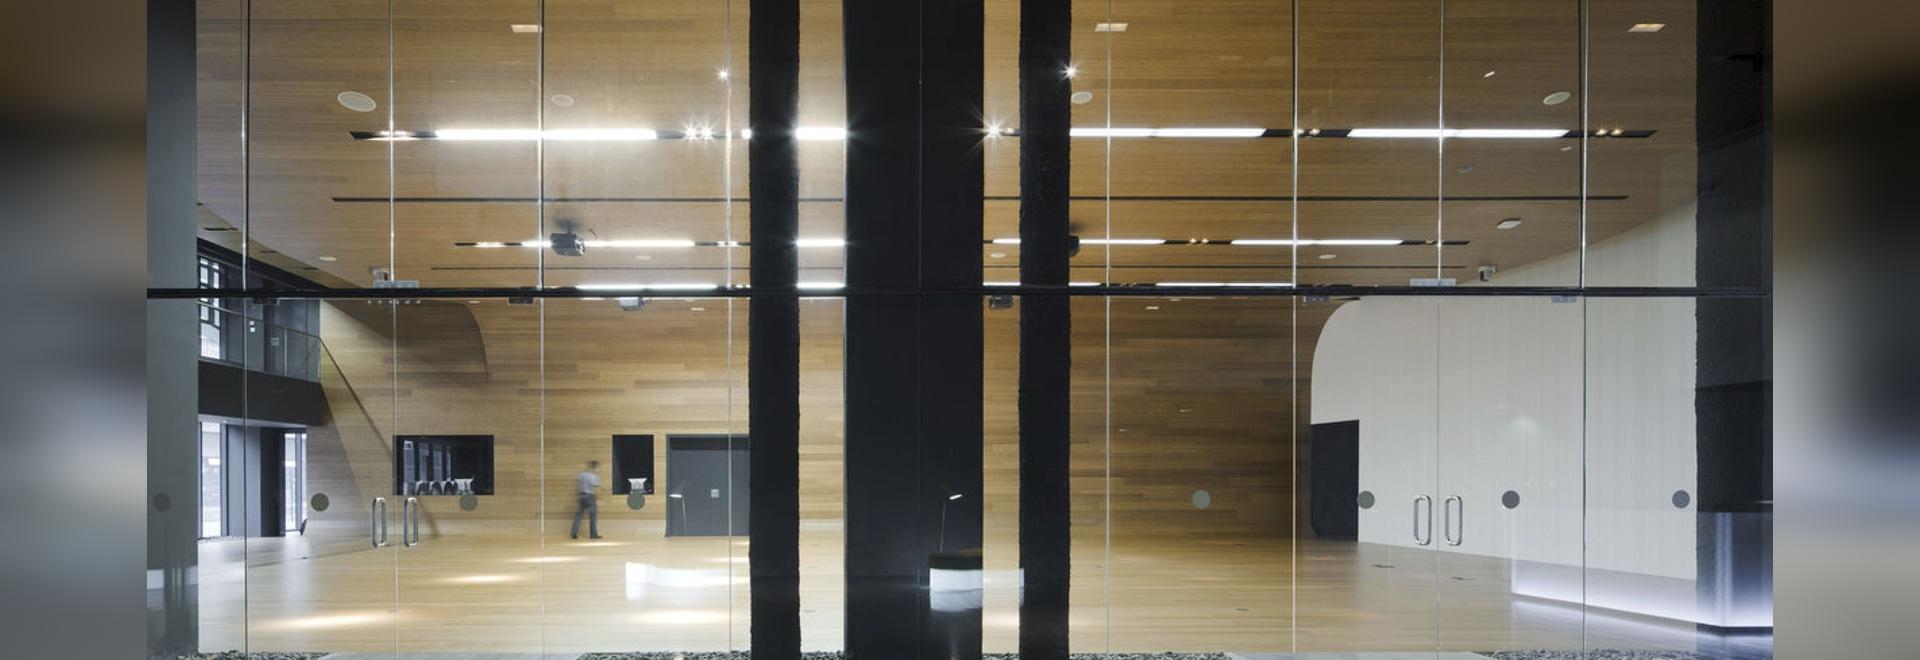 NEW: engineered parquet flooring by PARKLEX